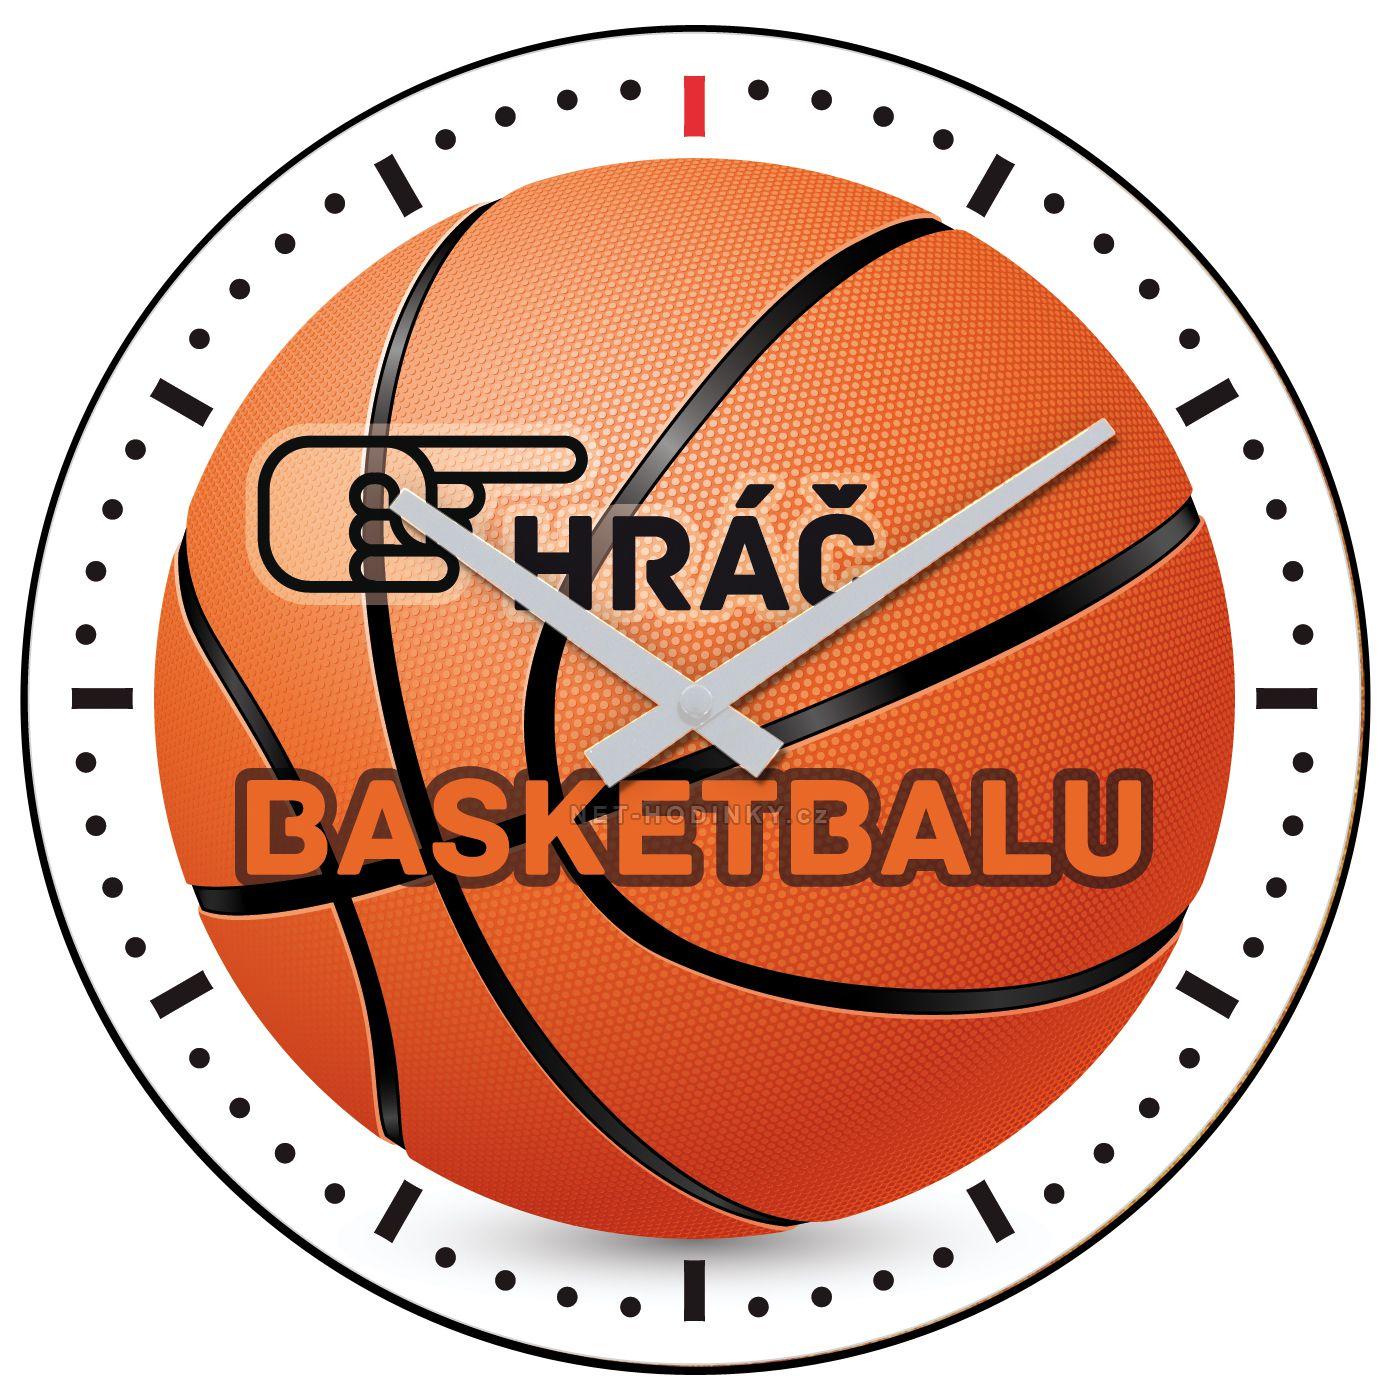 Nástěnné hodiny na stěnu Volleyball, Bowling, Basketbal, Fotbal, Golf nástěnné hodiny na zeď, dětské hodiny H926P Basketbal